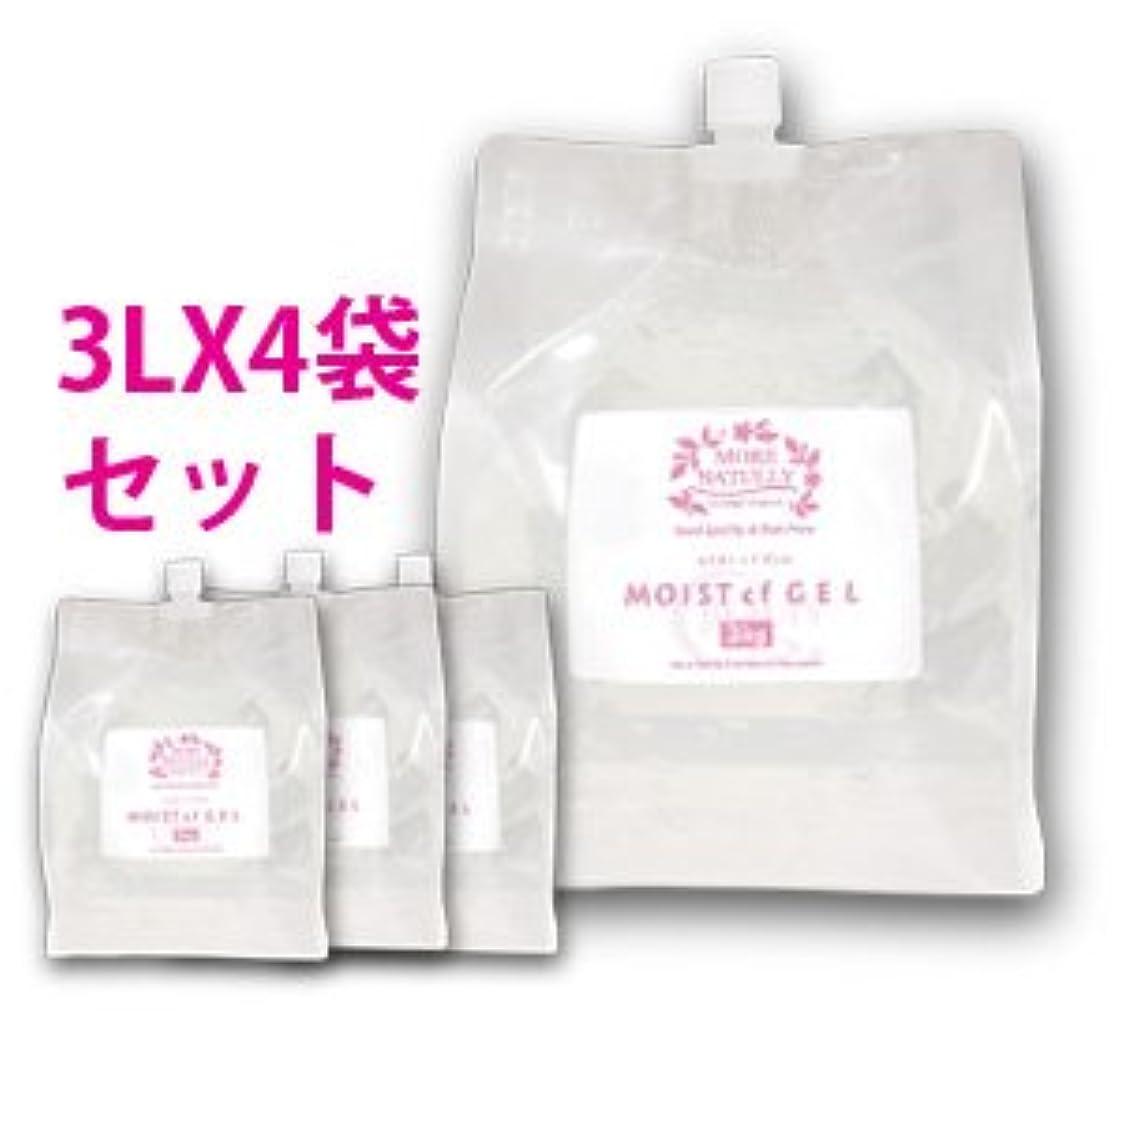 タイプライター例音楽家モアナチュリー モイストcfジェル 4袋セット 3kg×4袋